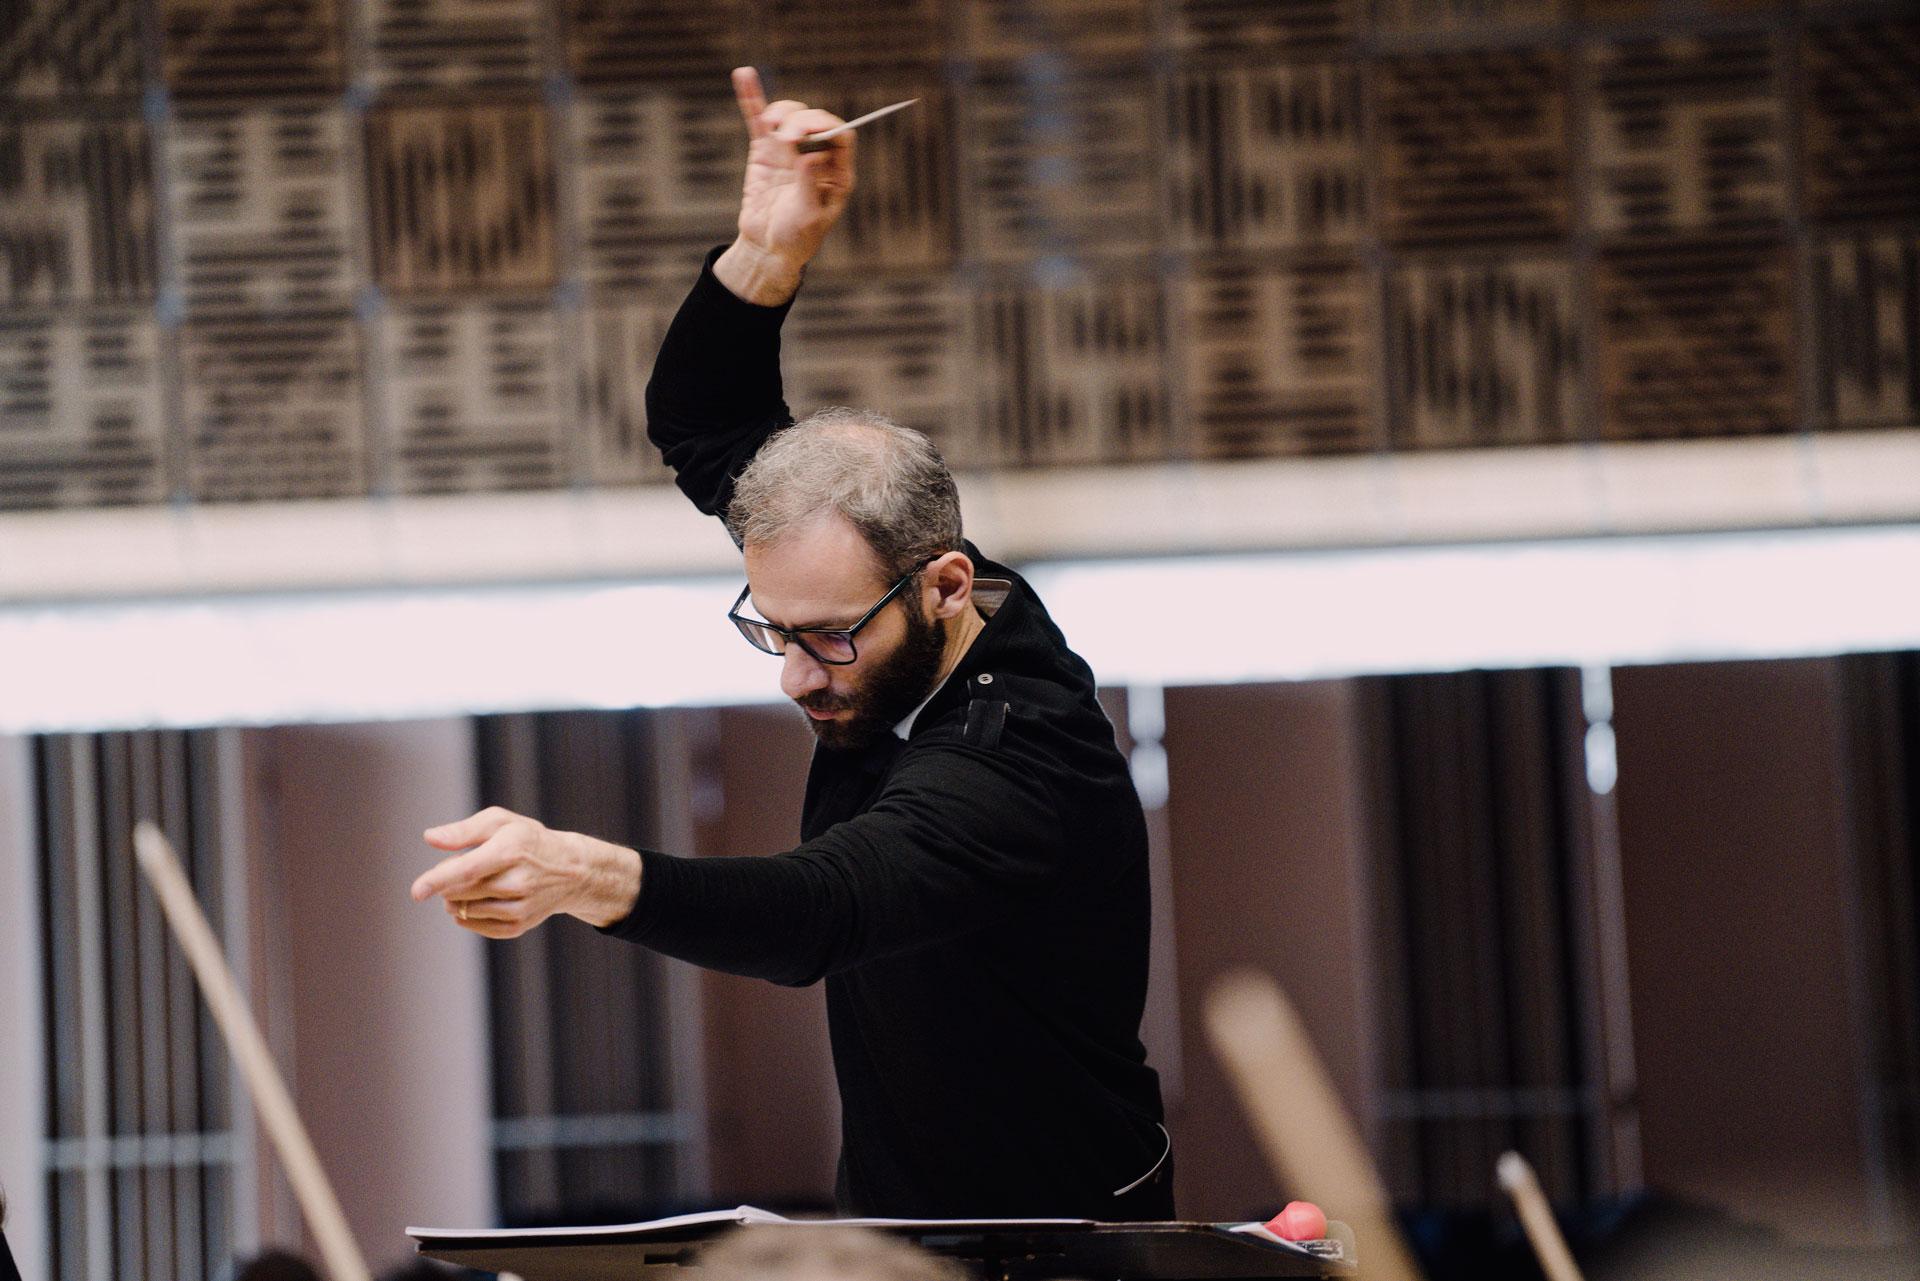 La Sinfónica de Galicia organiza la segunda edición de las clases magistrales de dirección orquestal con su director titular Dima Slobodeniouk